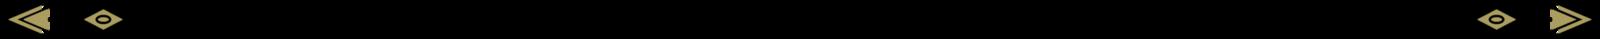 DIVIDER-1